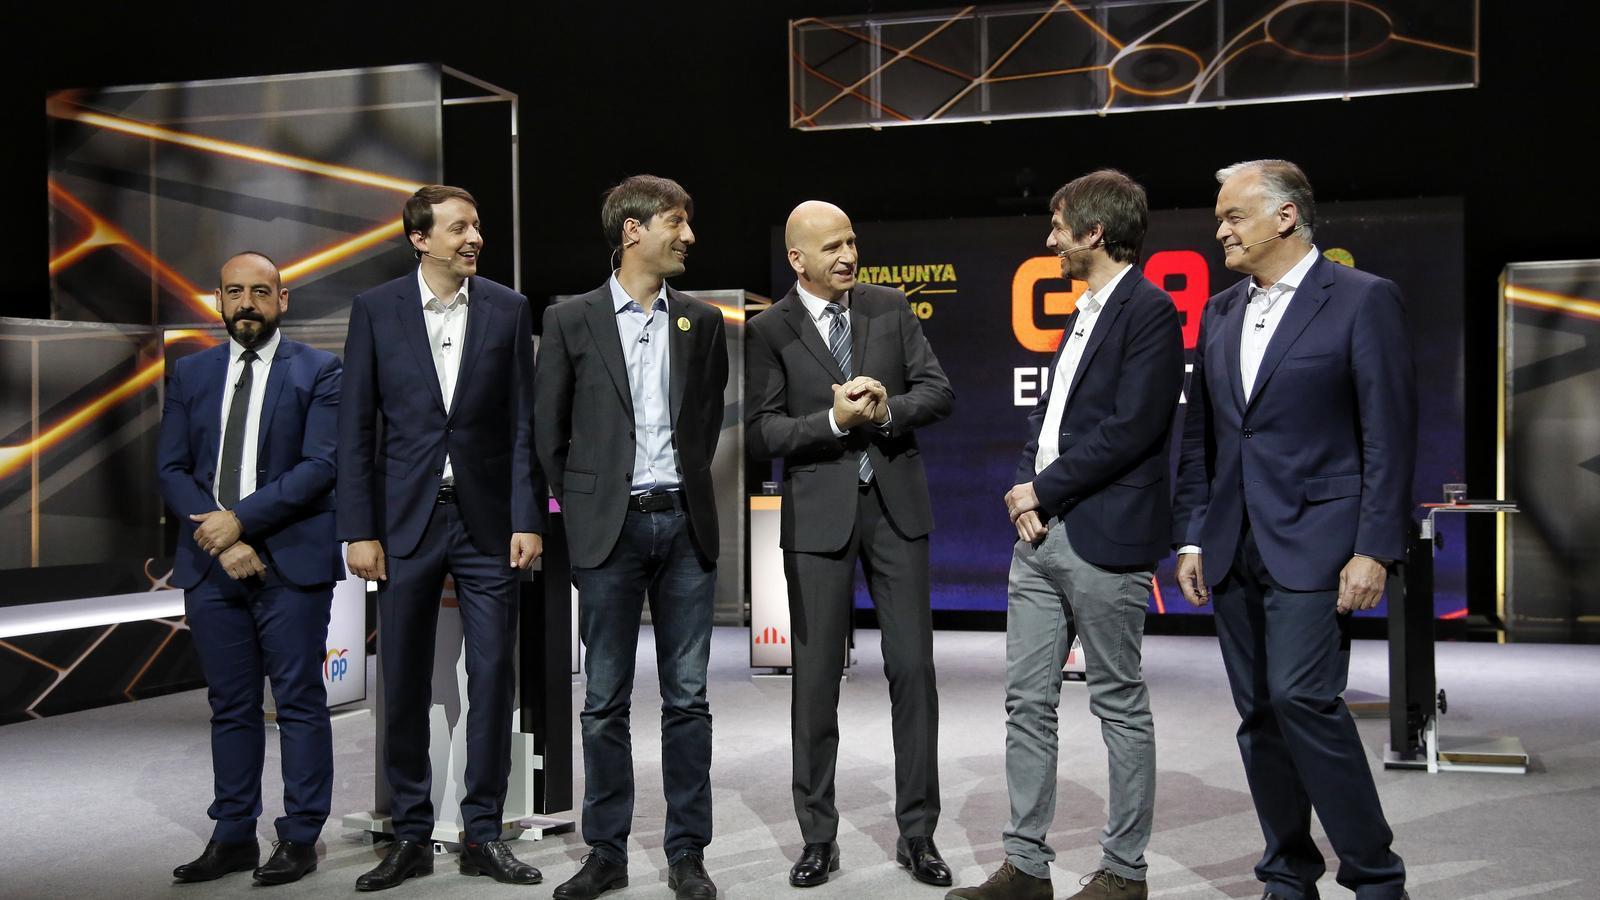 La ausencia de Junqueras y Puigdemont marca el debate en TV3